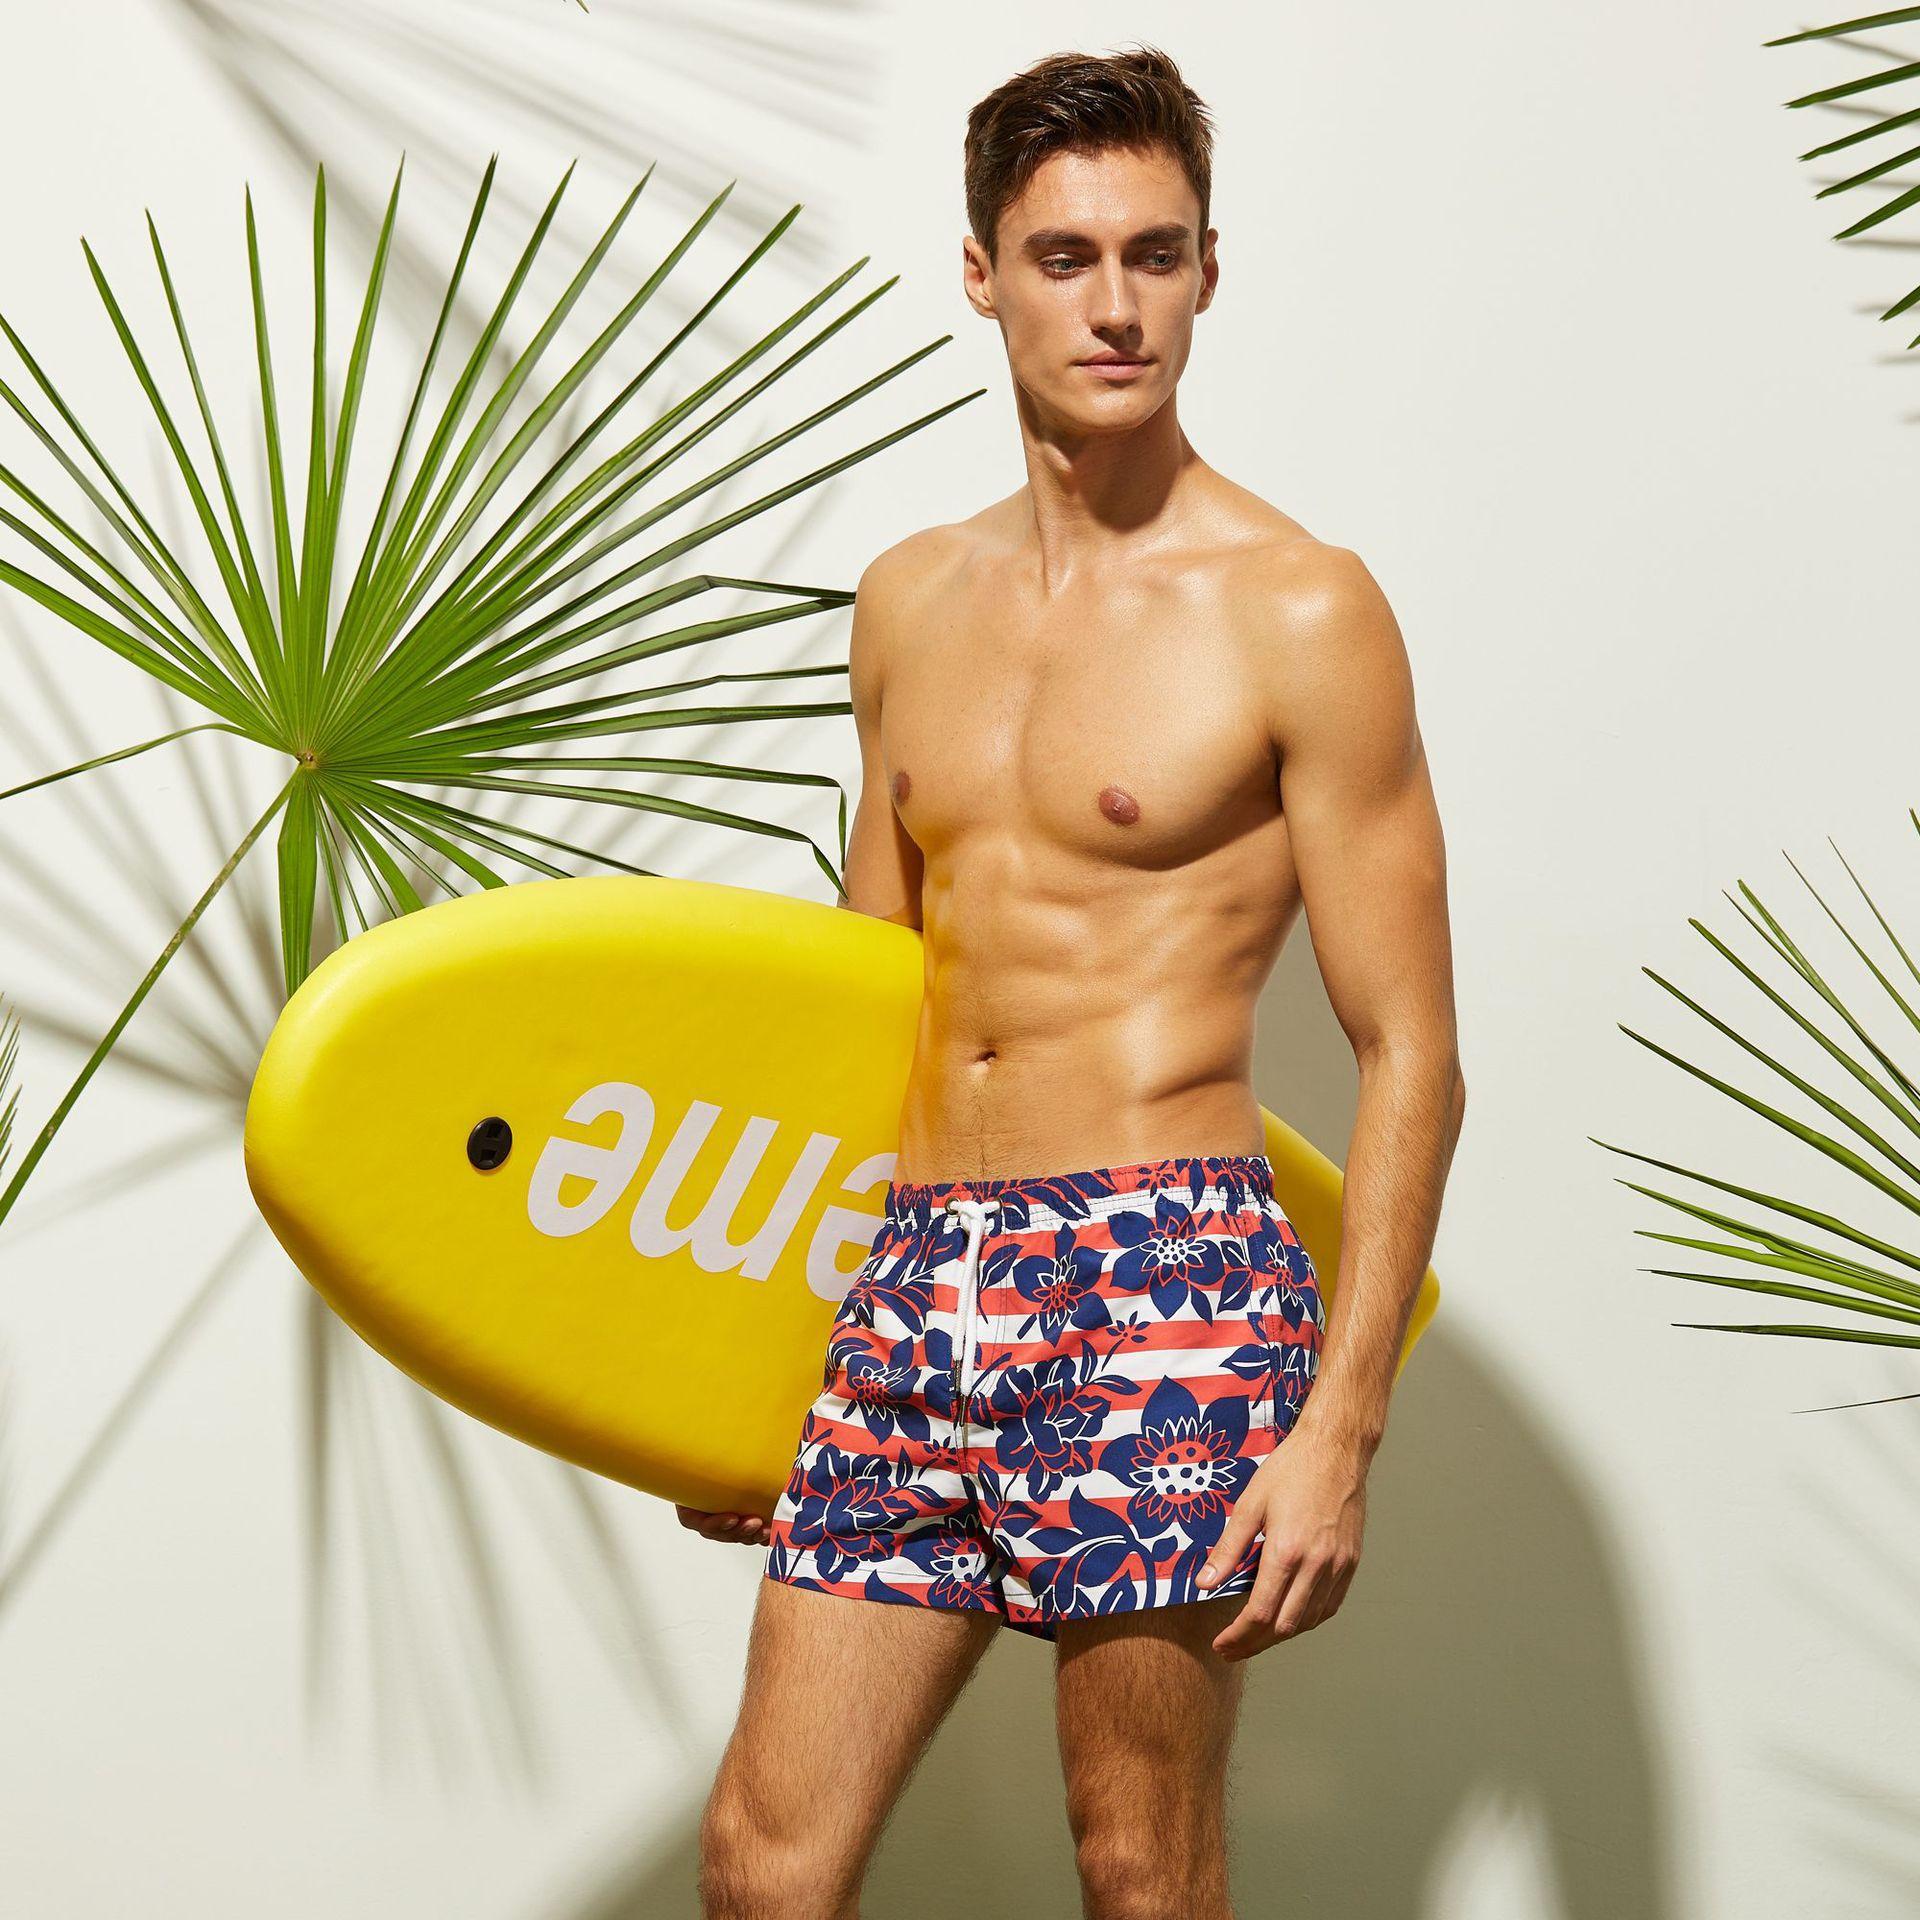 Surf   Board   Beach   Shorts   Men Swim Bathing Suit Trunks Drawstring Swimwear Quick Dry Swimsuit loose Sportswear Sports Pants Blue